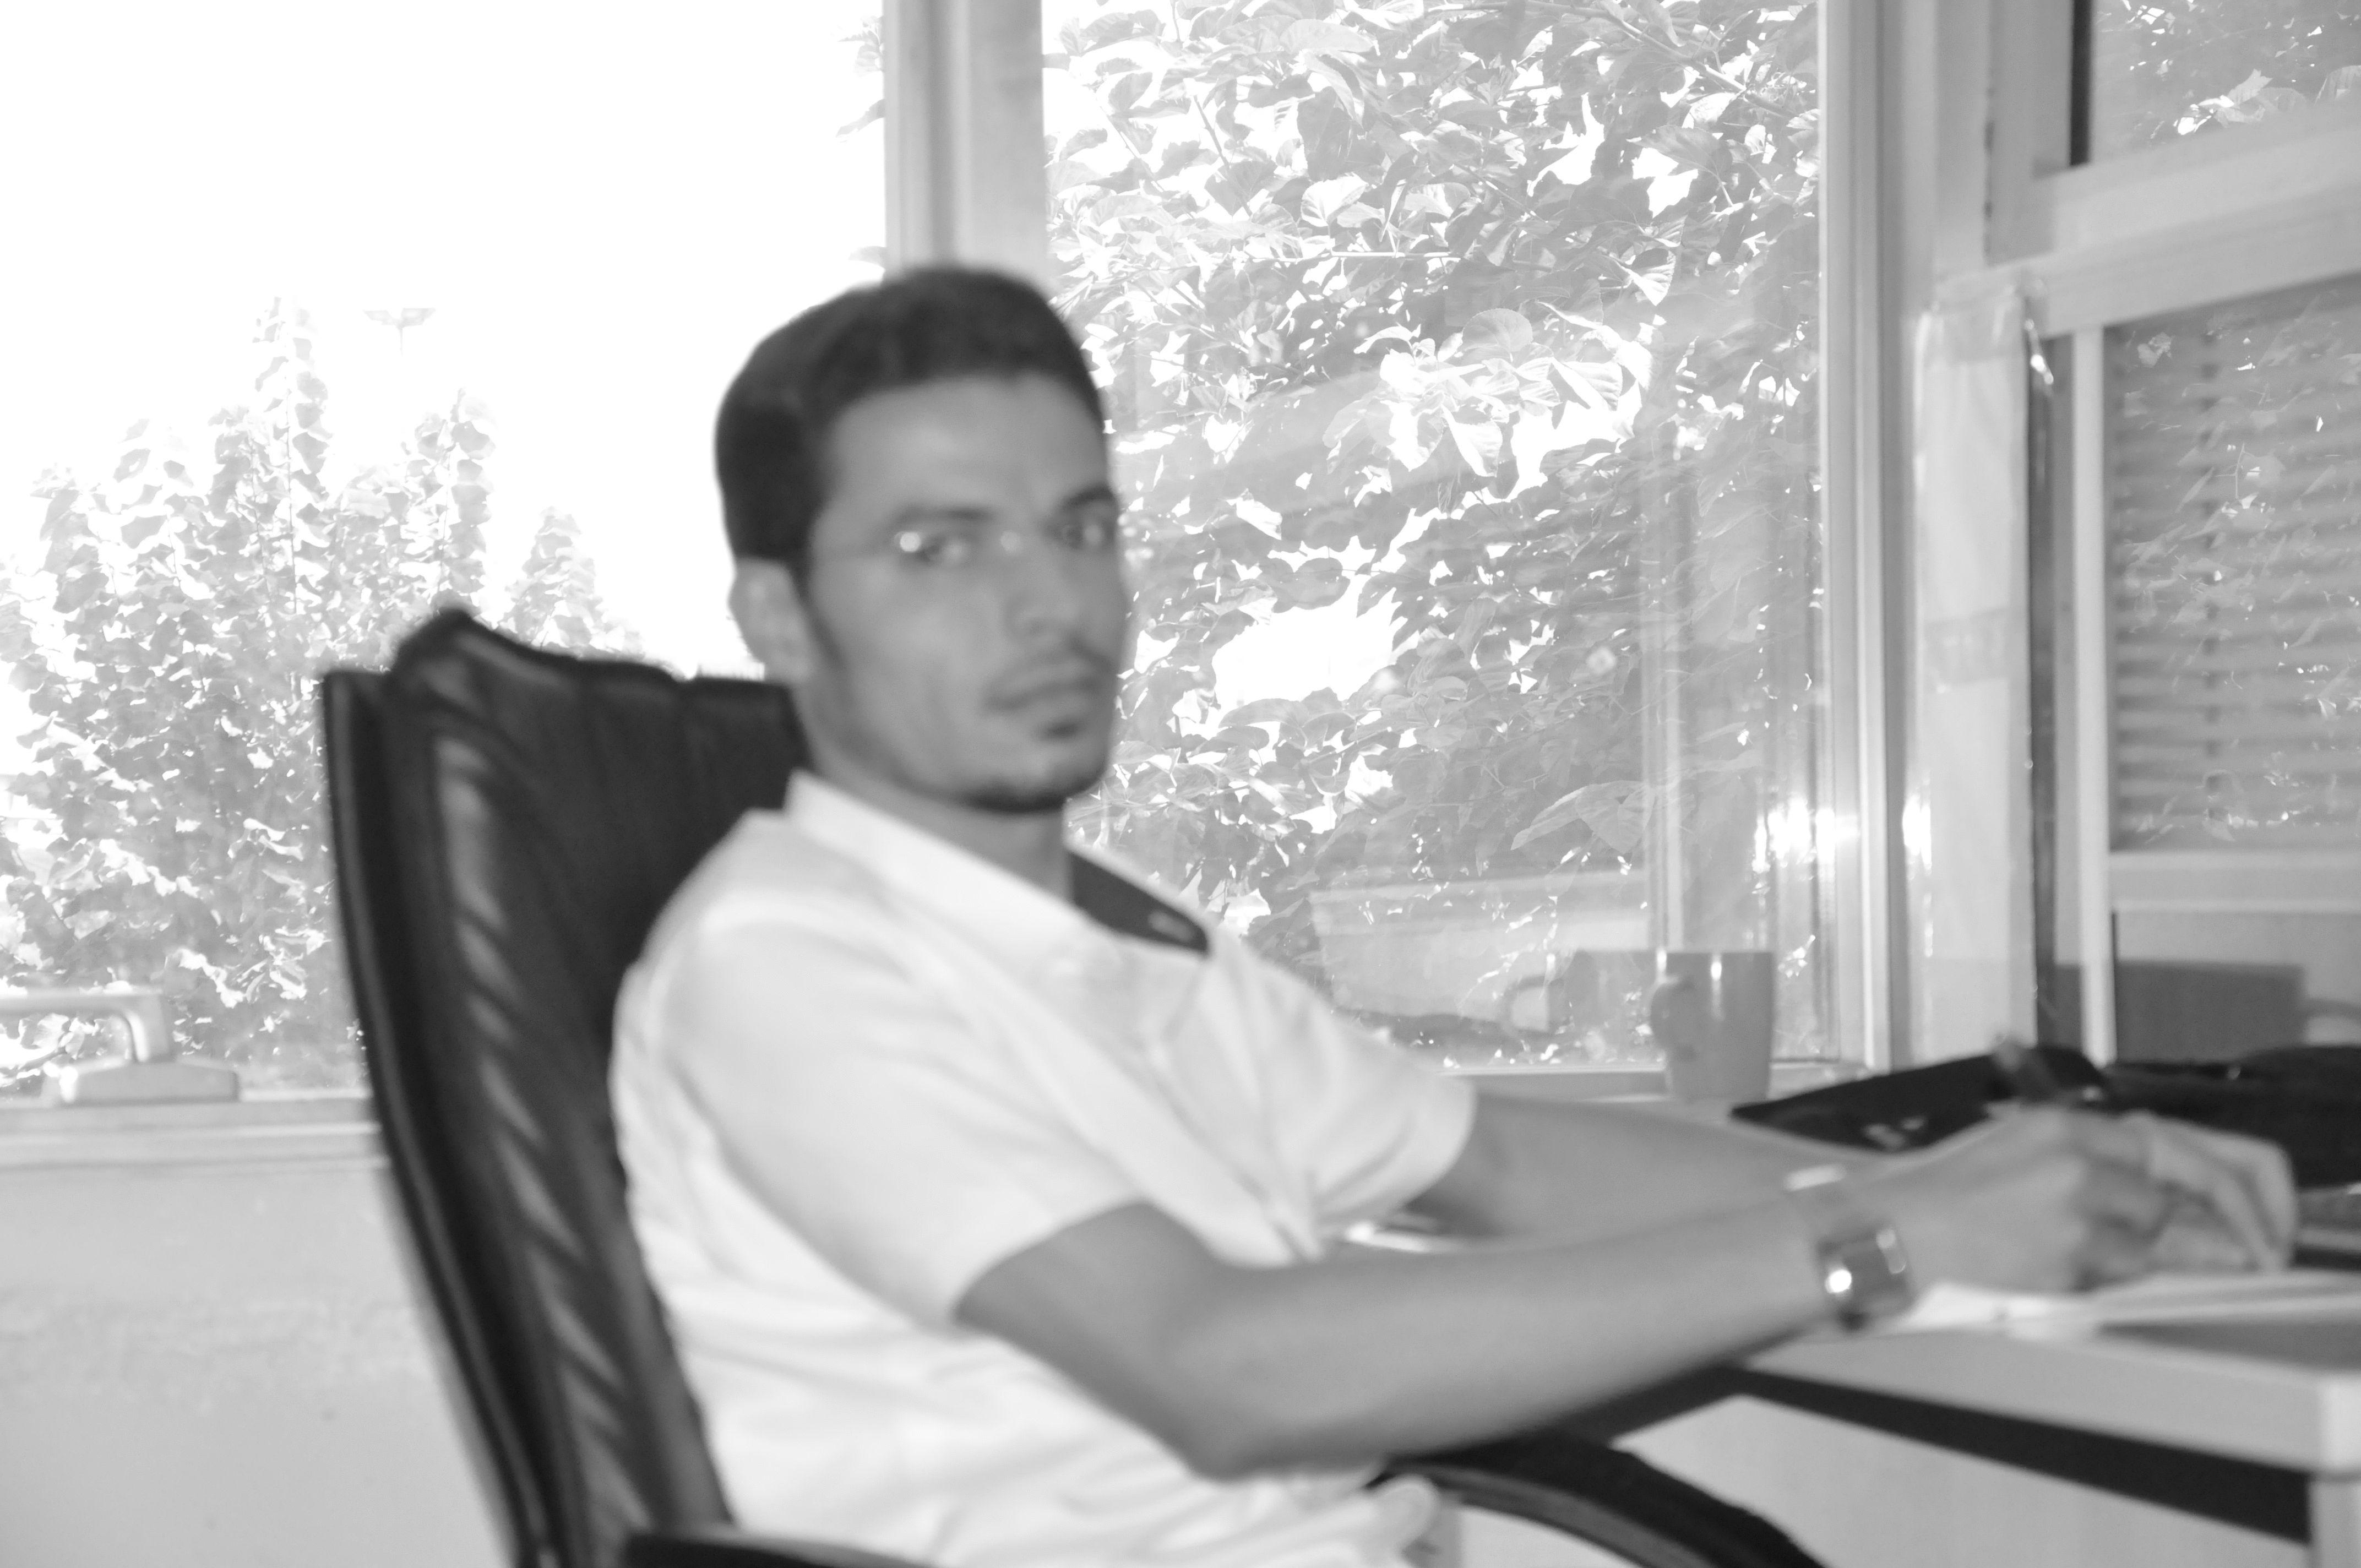 محمد عويس سيد Headshot